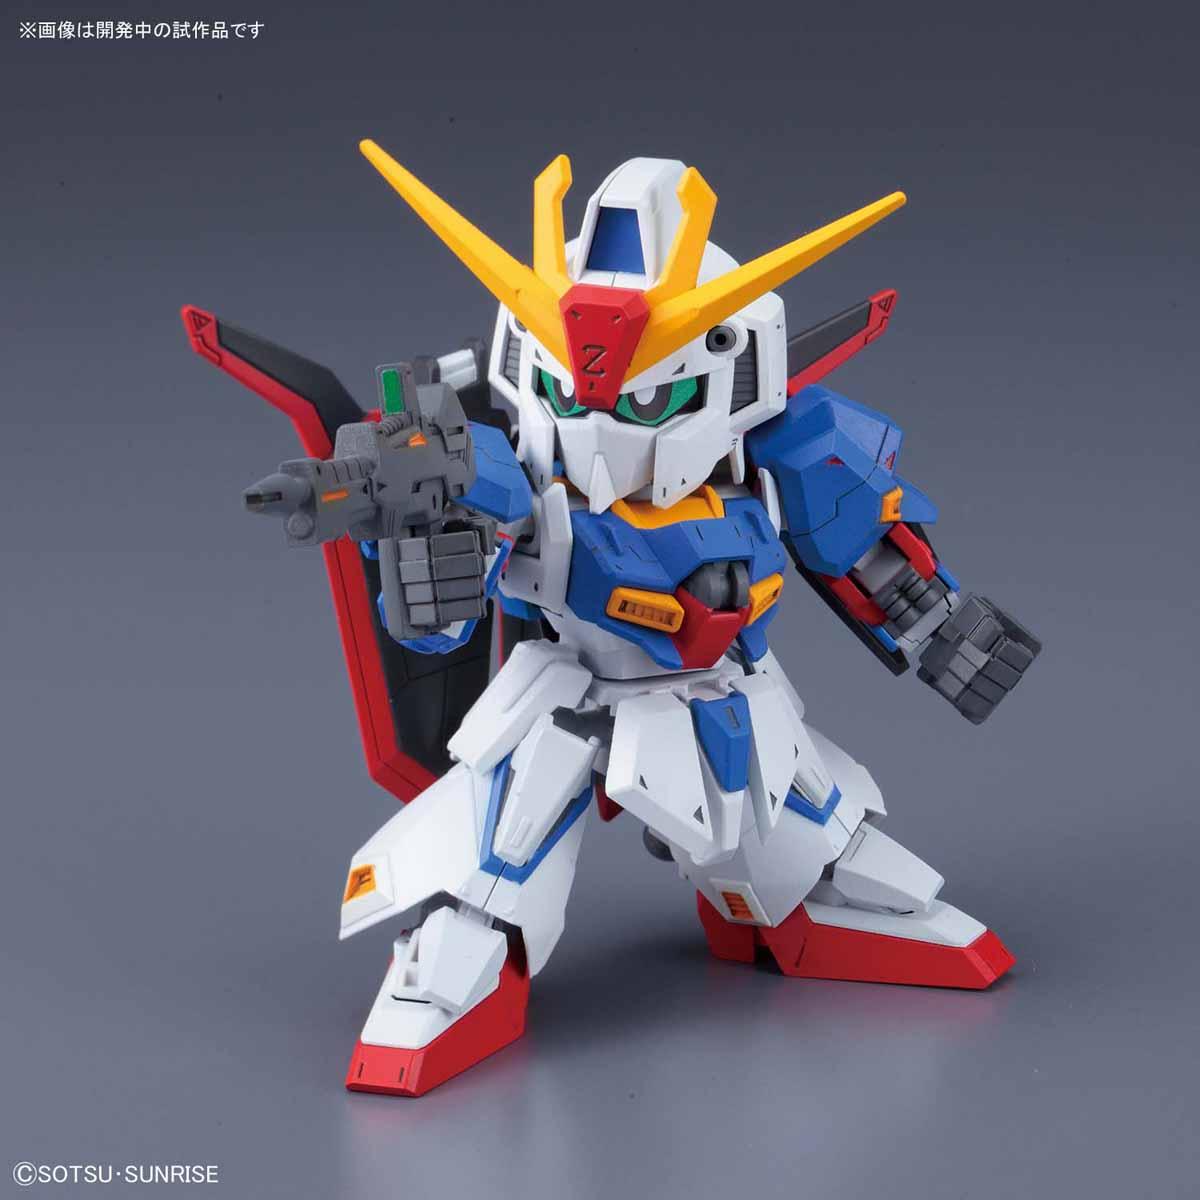 Bandai SD Gundam Cross Silhouette Zeta Gundam SD Gundam Model Kits